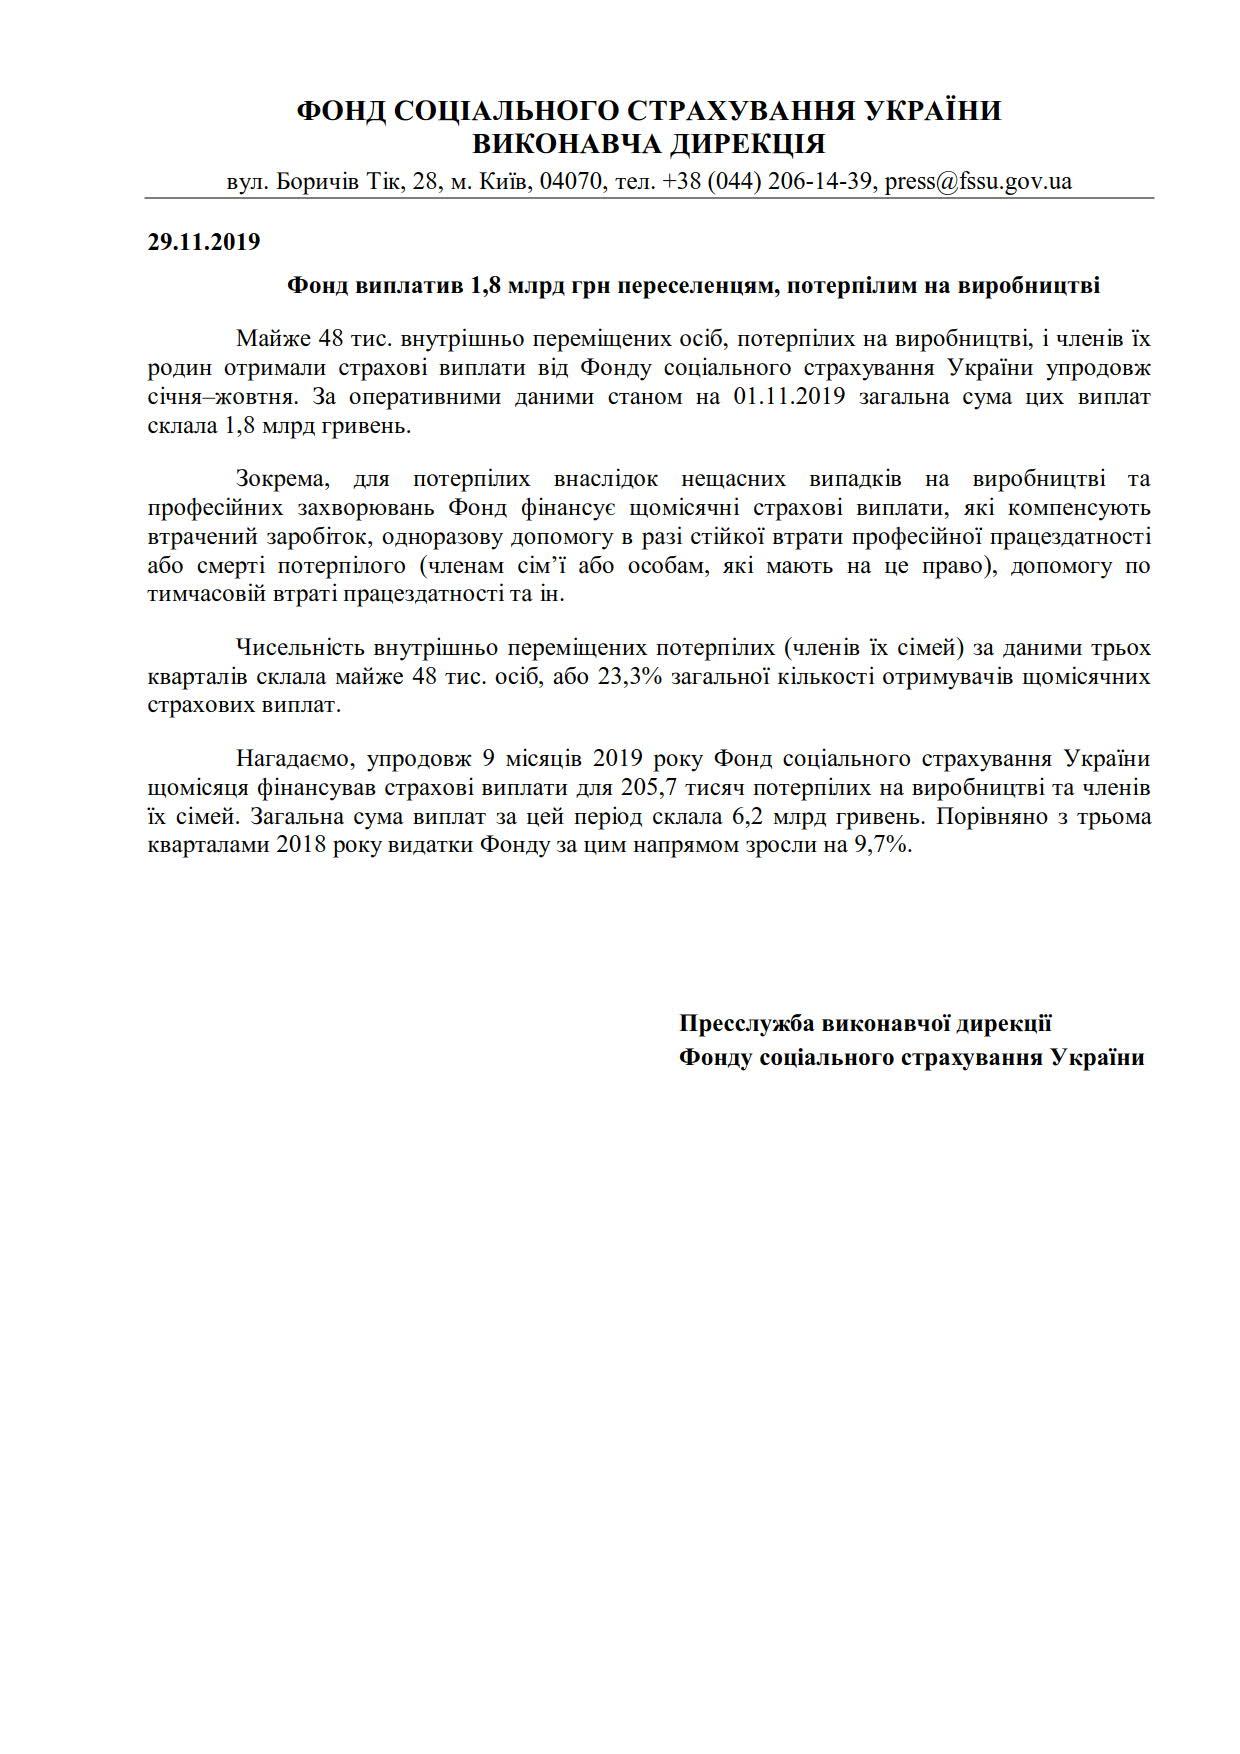 ФССУ_Виплати переселенцям_1